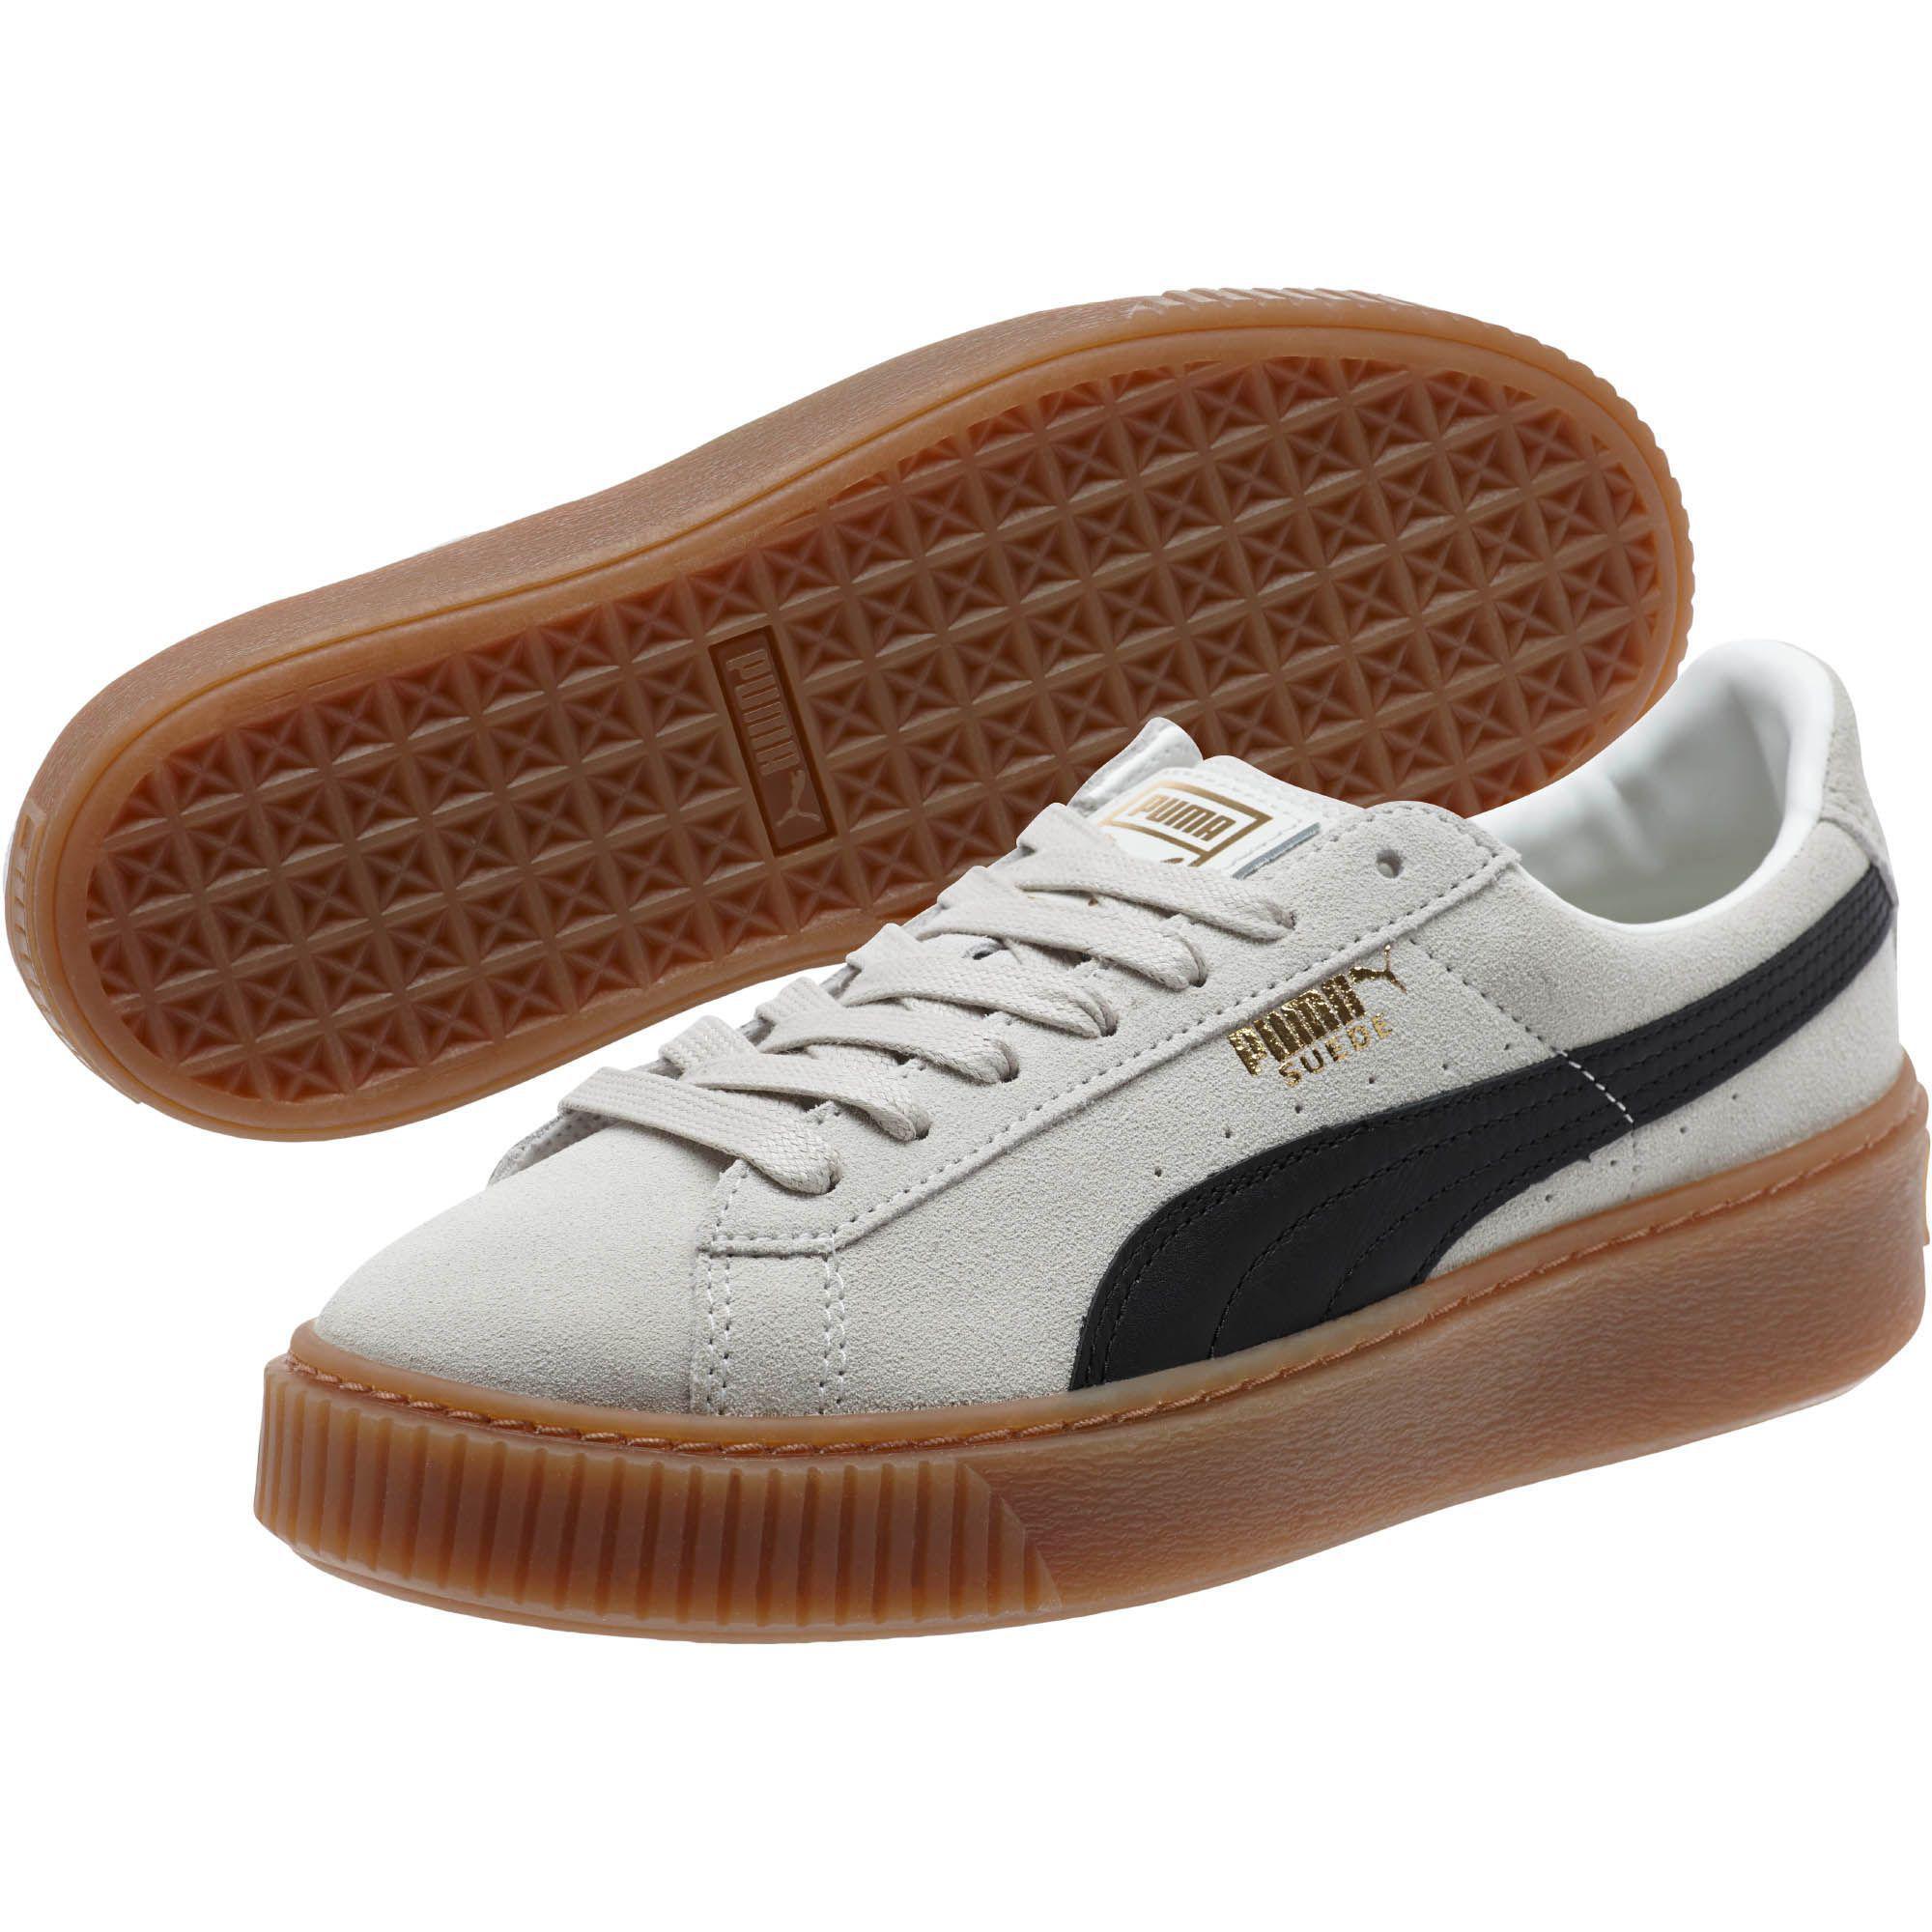 Lyst - PUMA Suede Platform Core Women s Sneakers 1fe6089f9